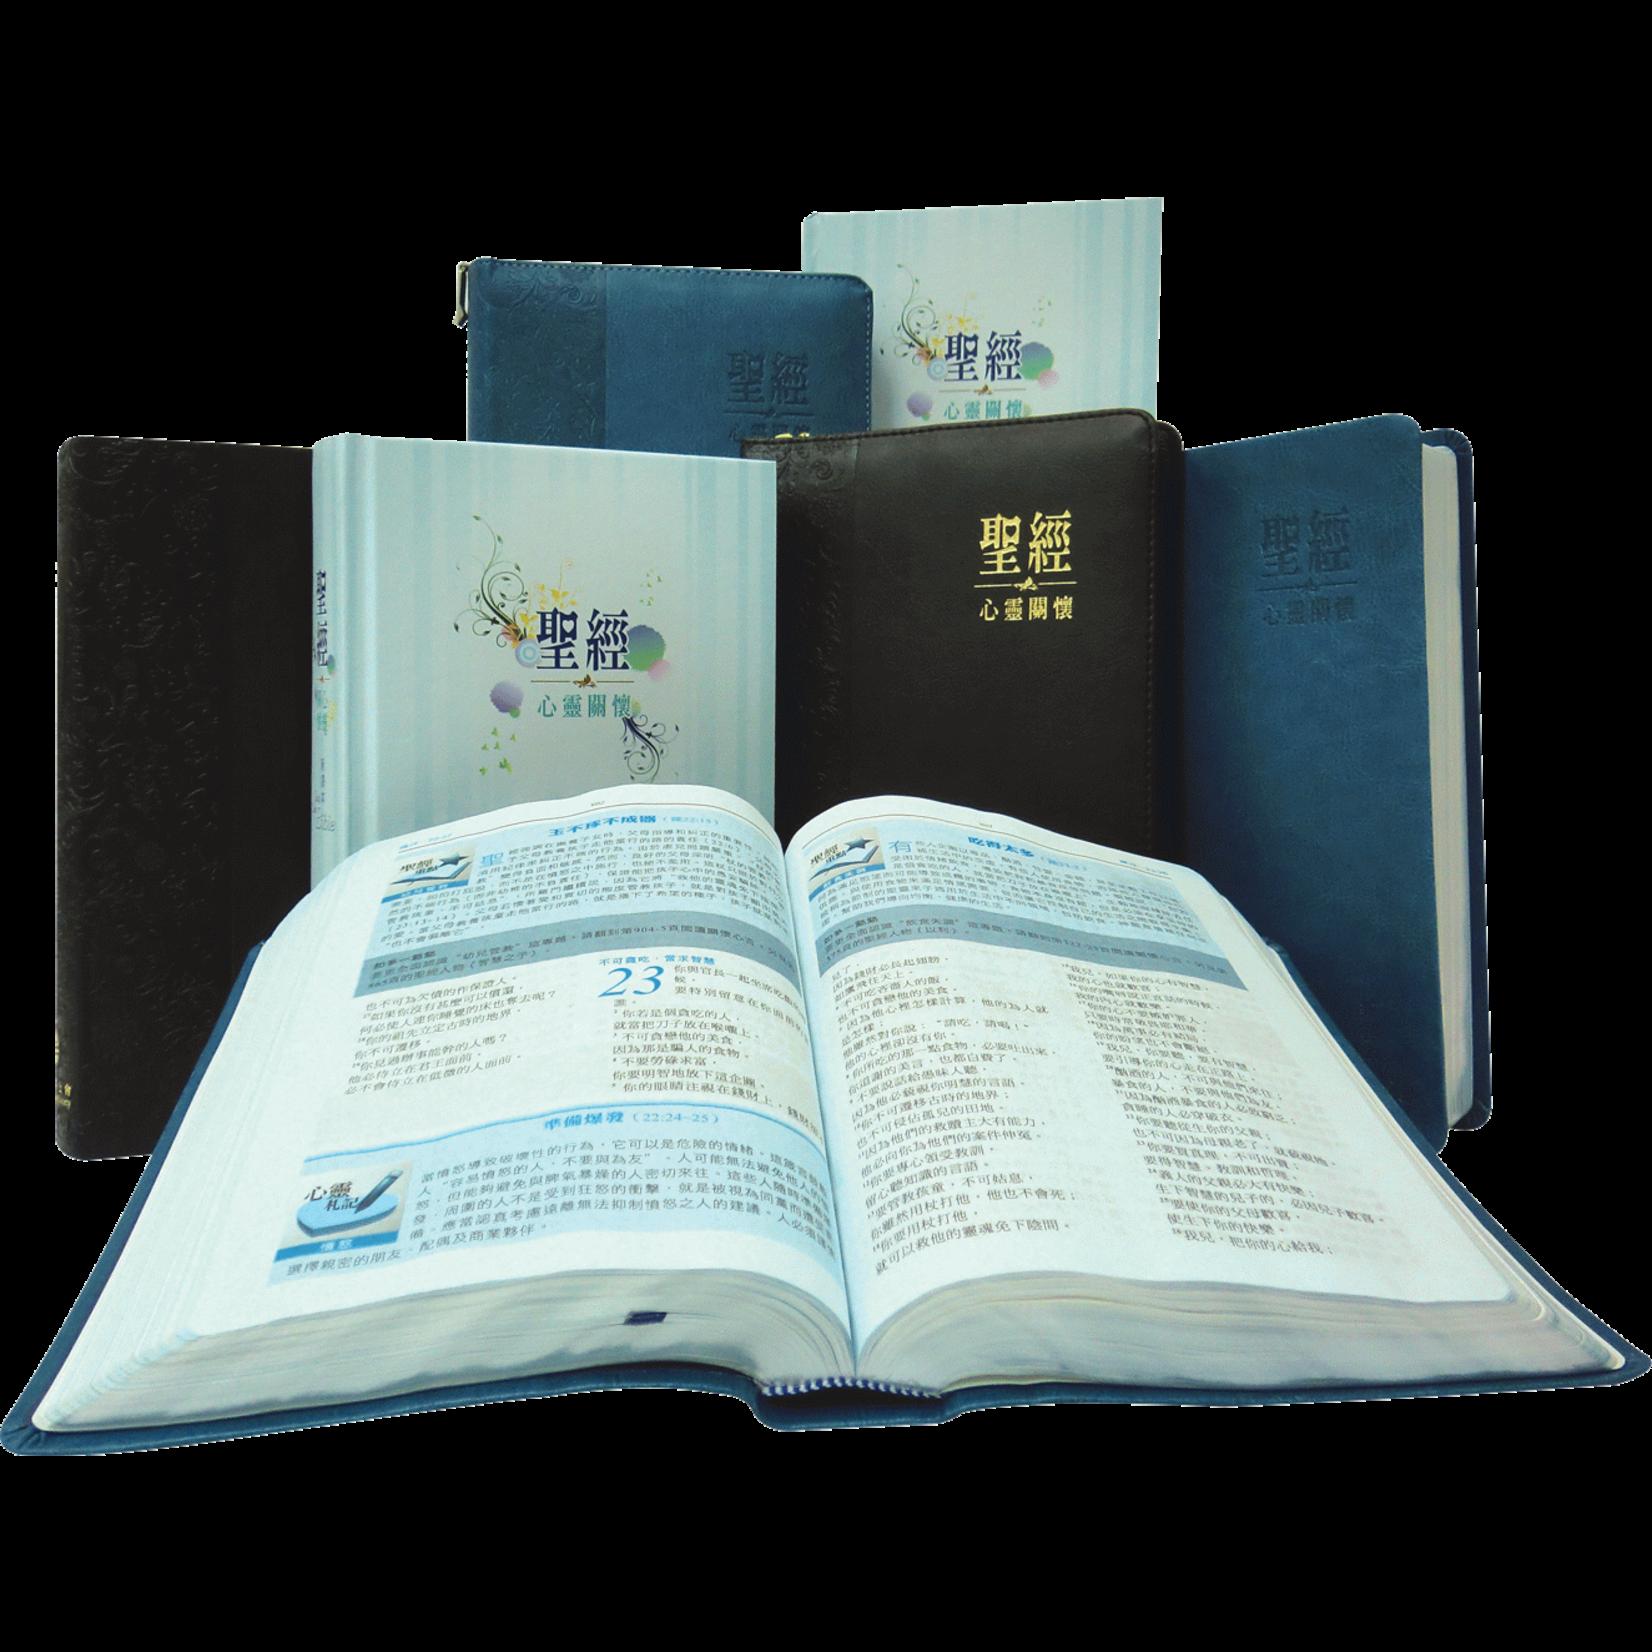 環球聖經公會 The Worldwide Bible Society 心靈關懷聖經:新譯本.神字版.標準裝.淺棕色儷皮金邊.簡體 CNV Soul Care Bible Simp., Standard, Light Brown PolyU Cover, Gold Edge